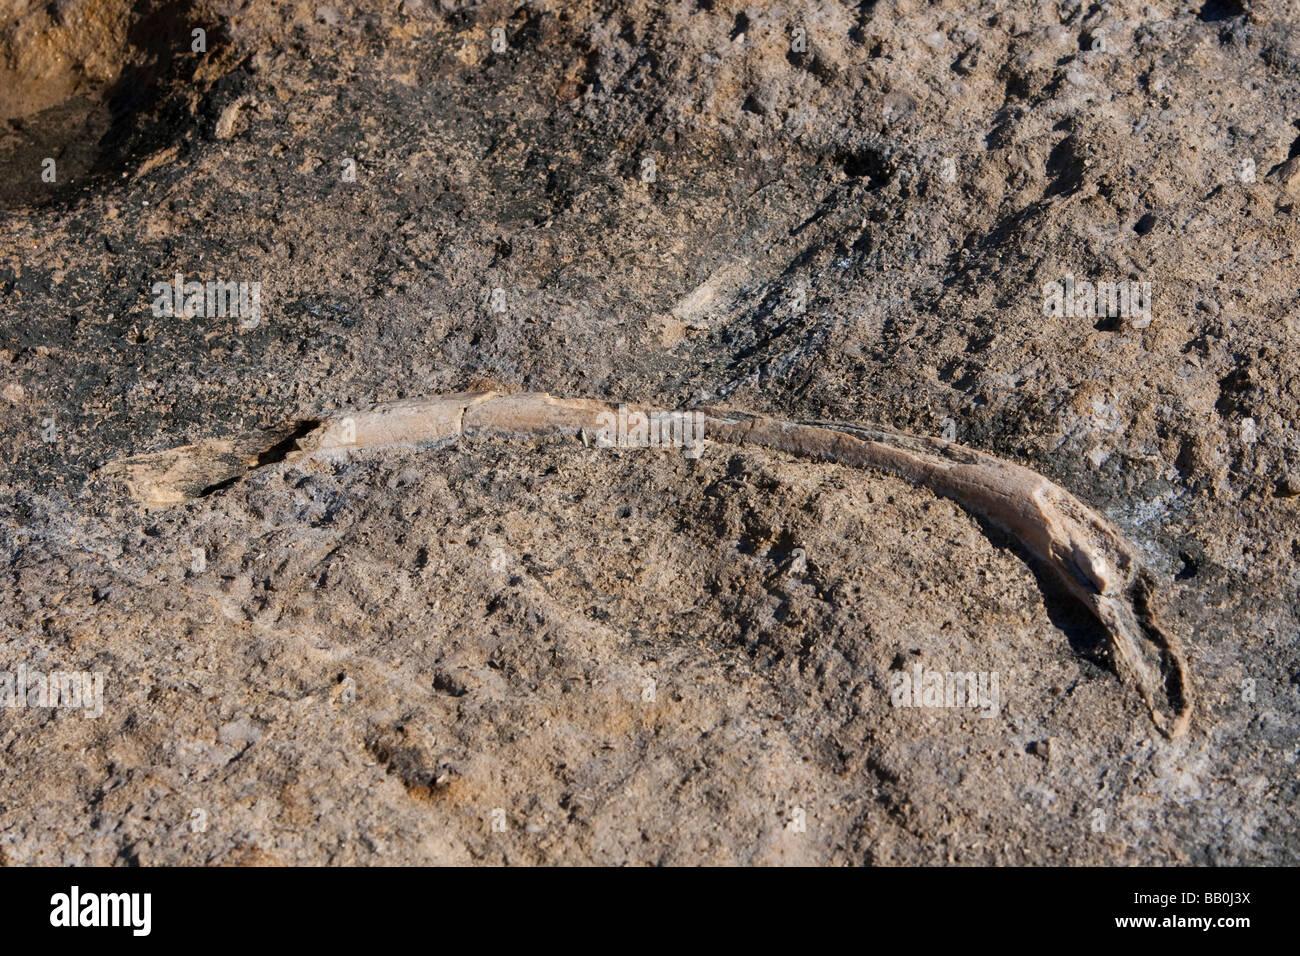 whale rib fossil Walknochen Rippe Fossilien Punto Colorado Baja California Mexico - Stock Image